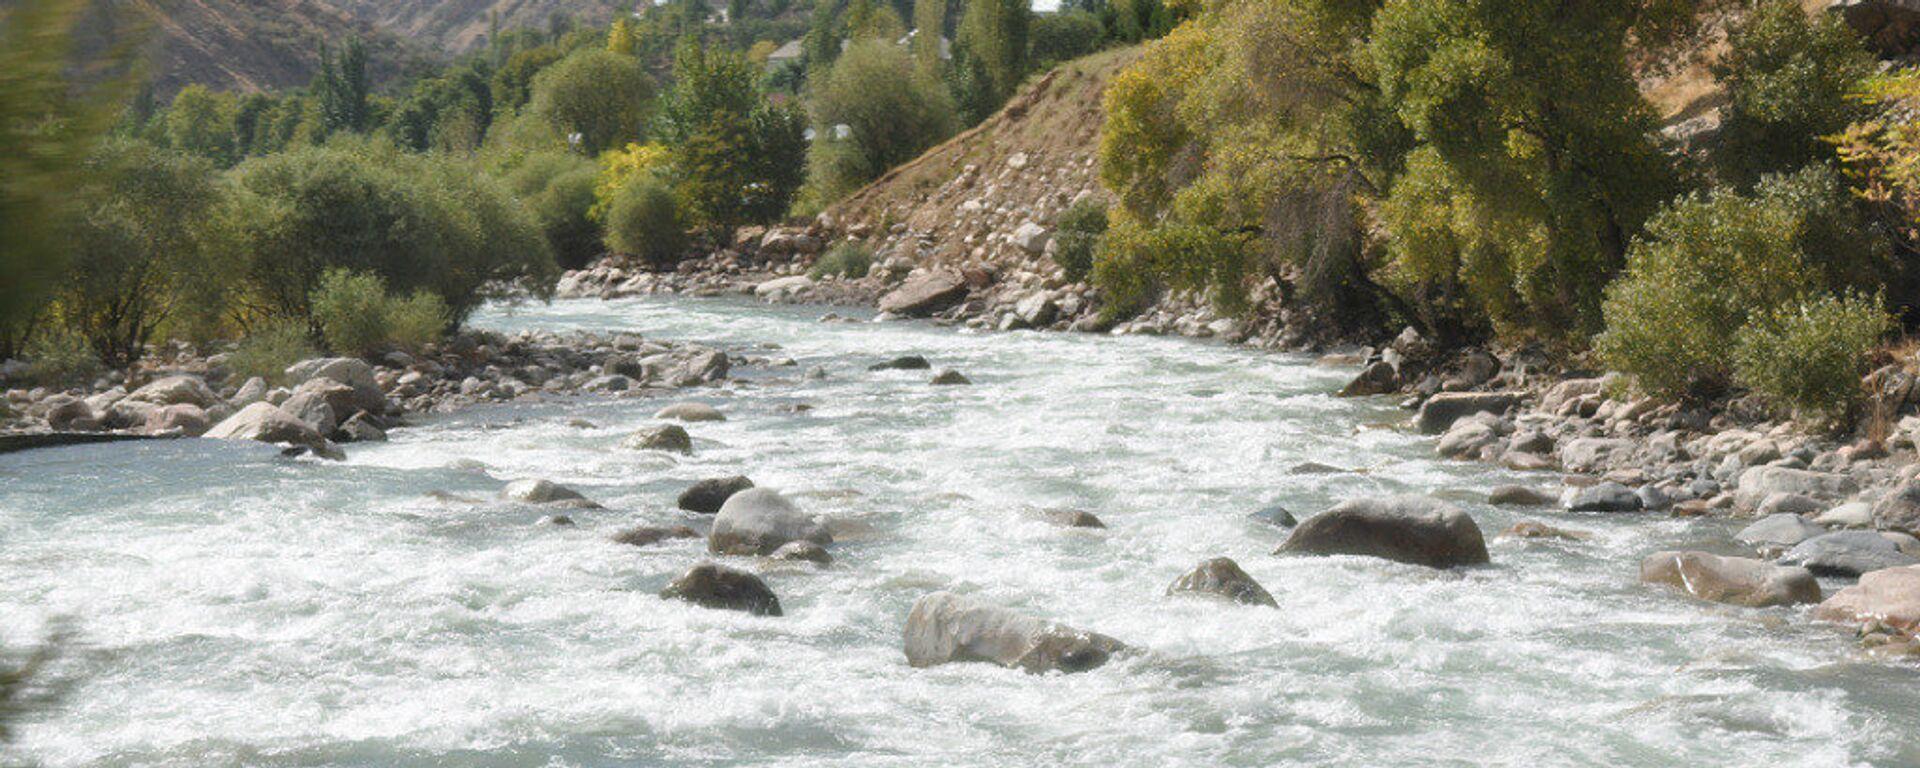 Река Варзоб, архивное фото - Sputnik Тоҷикистон, 1920, 02.08.2021